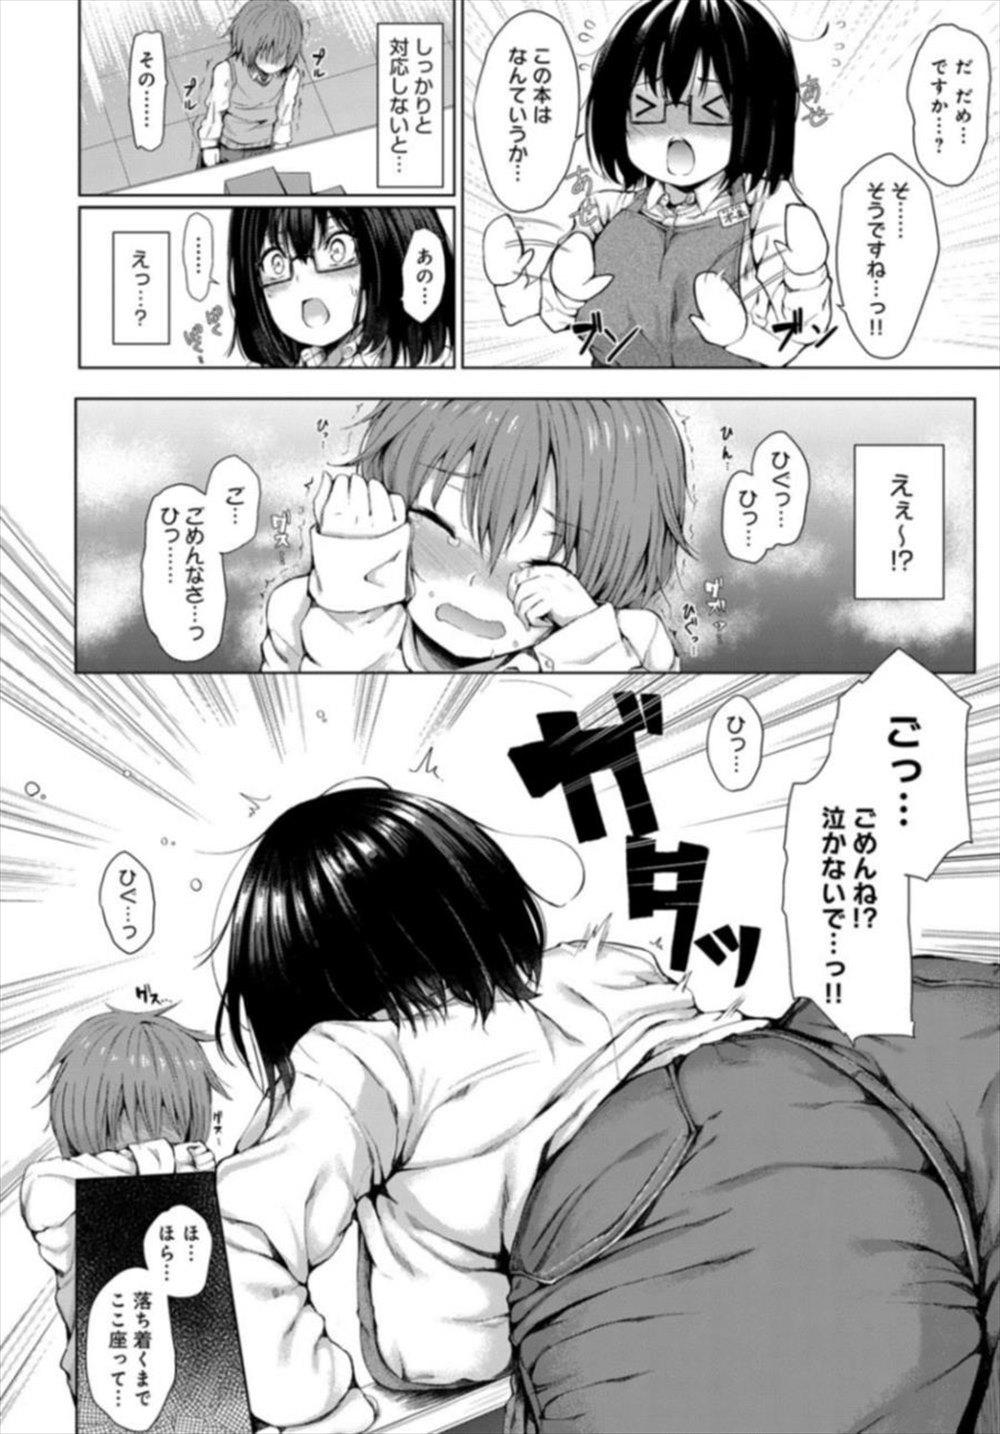 【エロ漫画】ショタが18禁エロ本買いにきた…巨乳本屋のお姉さんが一日彼女になってくれておねショタセックスしちゃうww【ひとつぼ:今日だけの彼女】